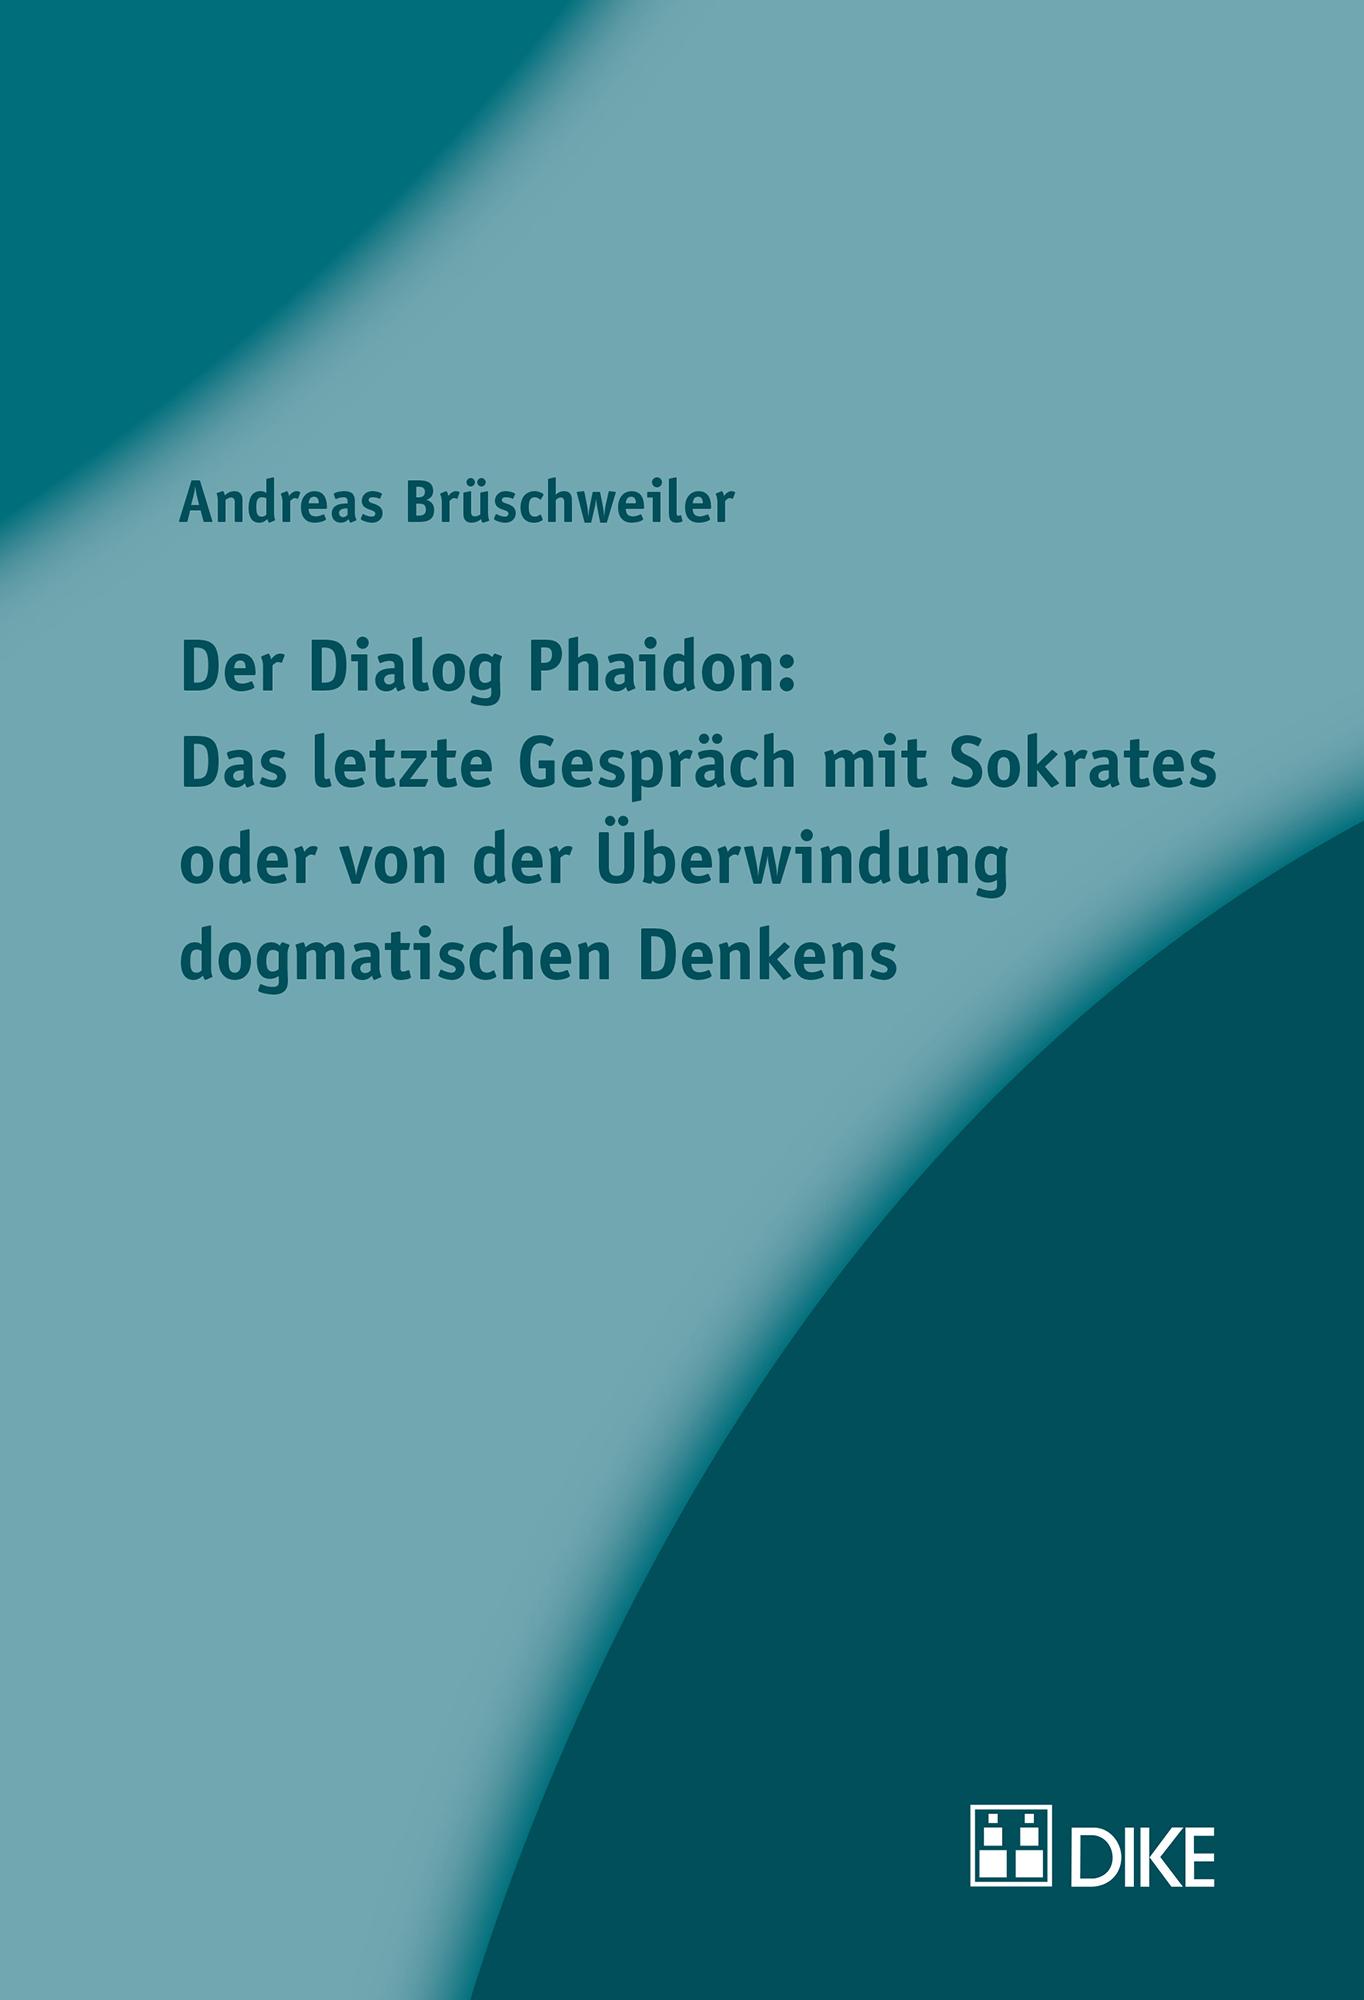 Der Dialog Phaidon: Das letzte Gespräch mit Sokrates oder von der Überwindung dogmatischen Denkens